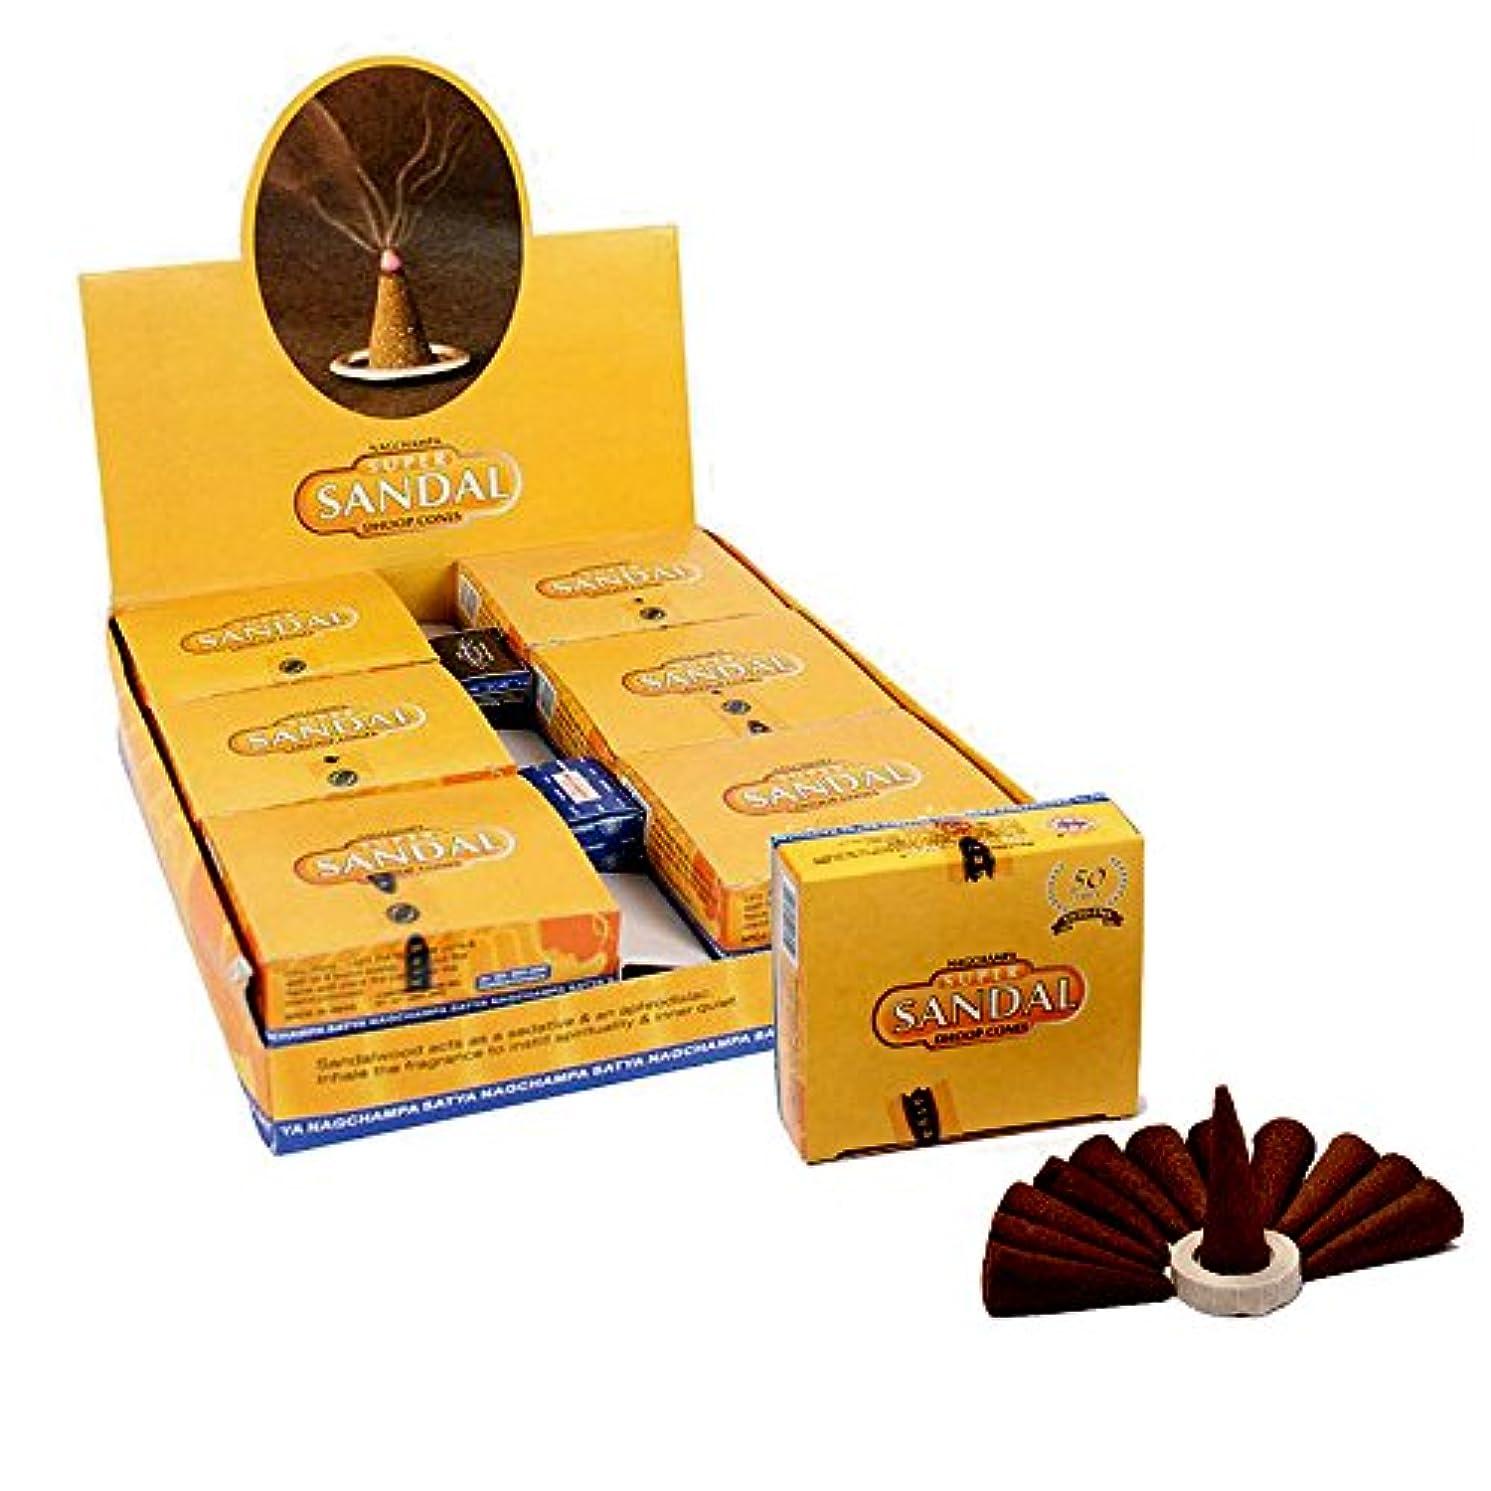 討論予報マーティフィールディングSatyaサンダルTemple Incense Cones、12 Cones in aパック、12パックin aボックス